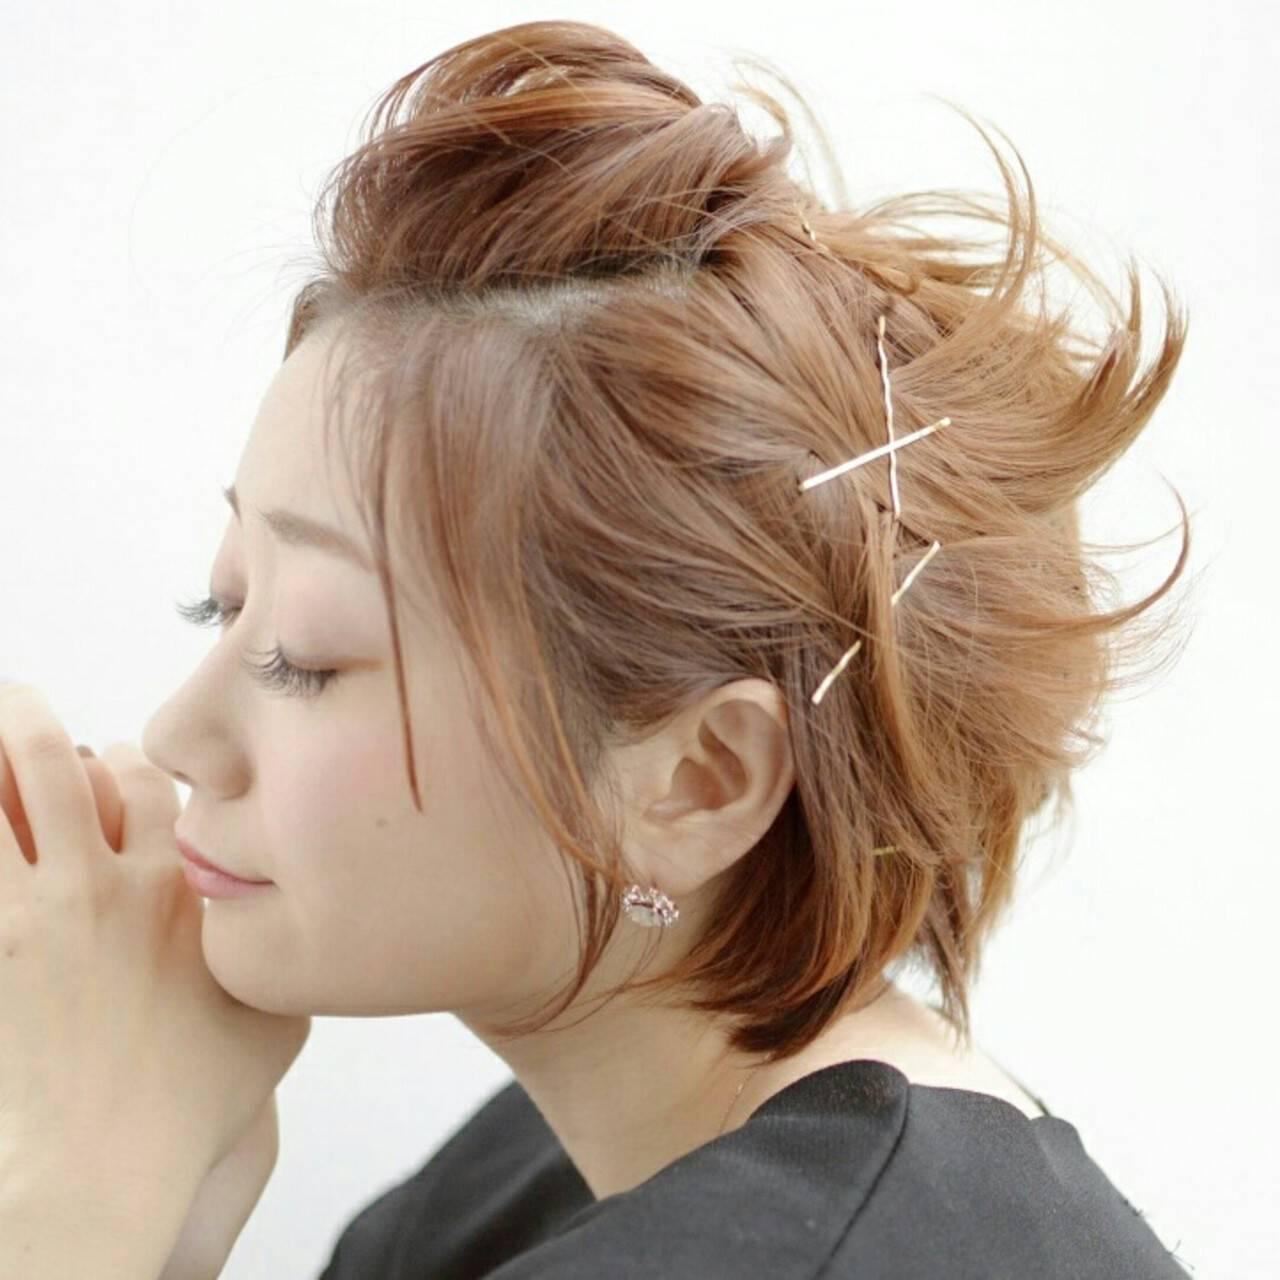 簡単ヘアアレンジ アッシュ ポンパドール ヘアピンヘアスタイルや髪型の写真・画像